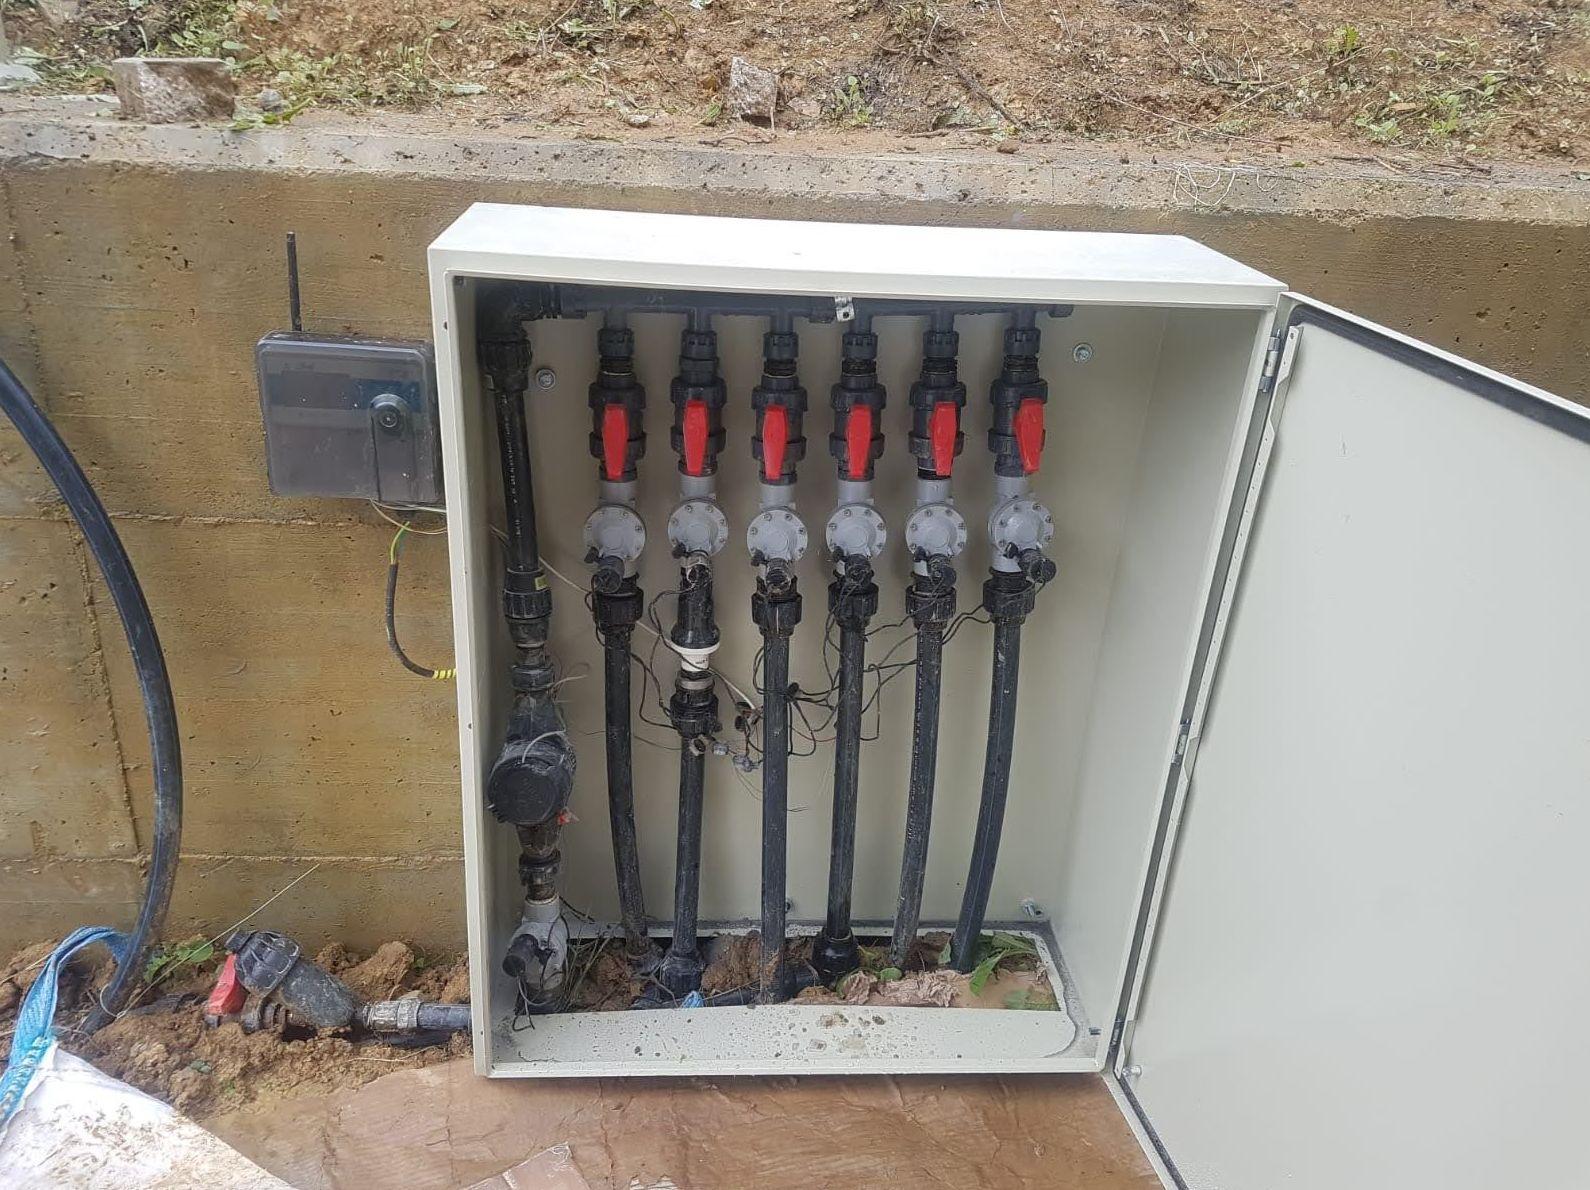 Instalación de riego automático inteligente